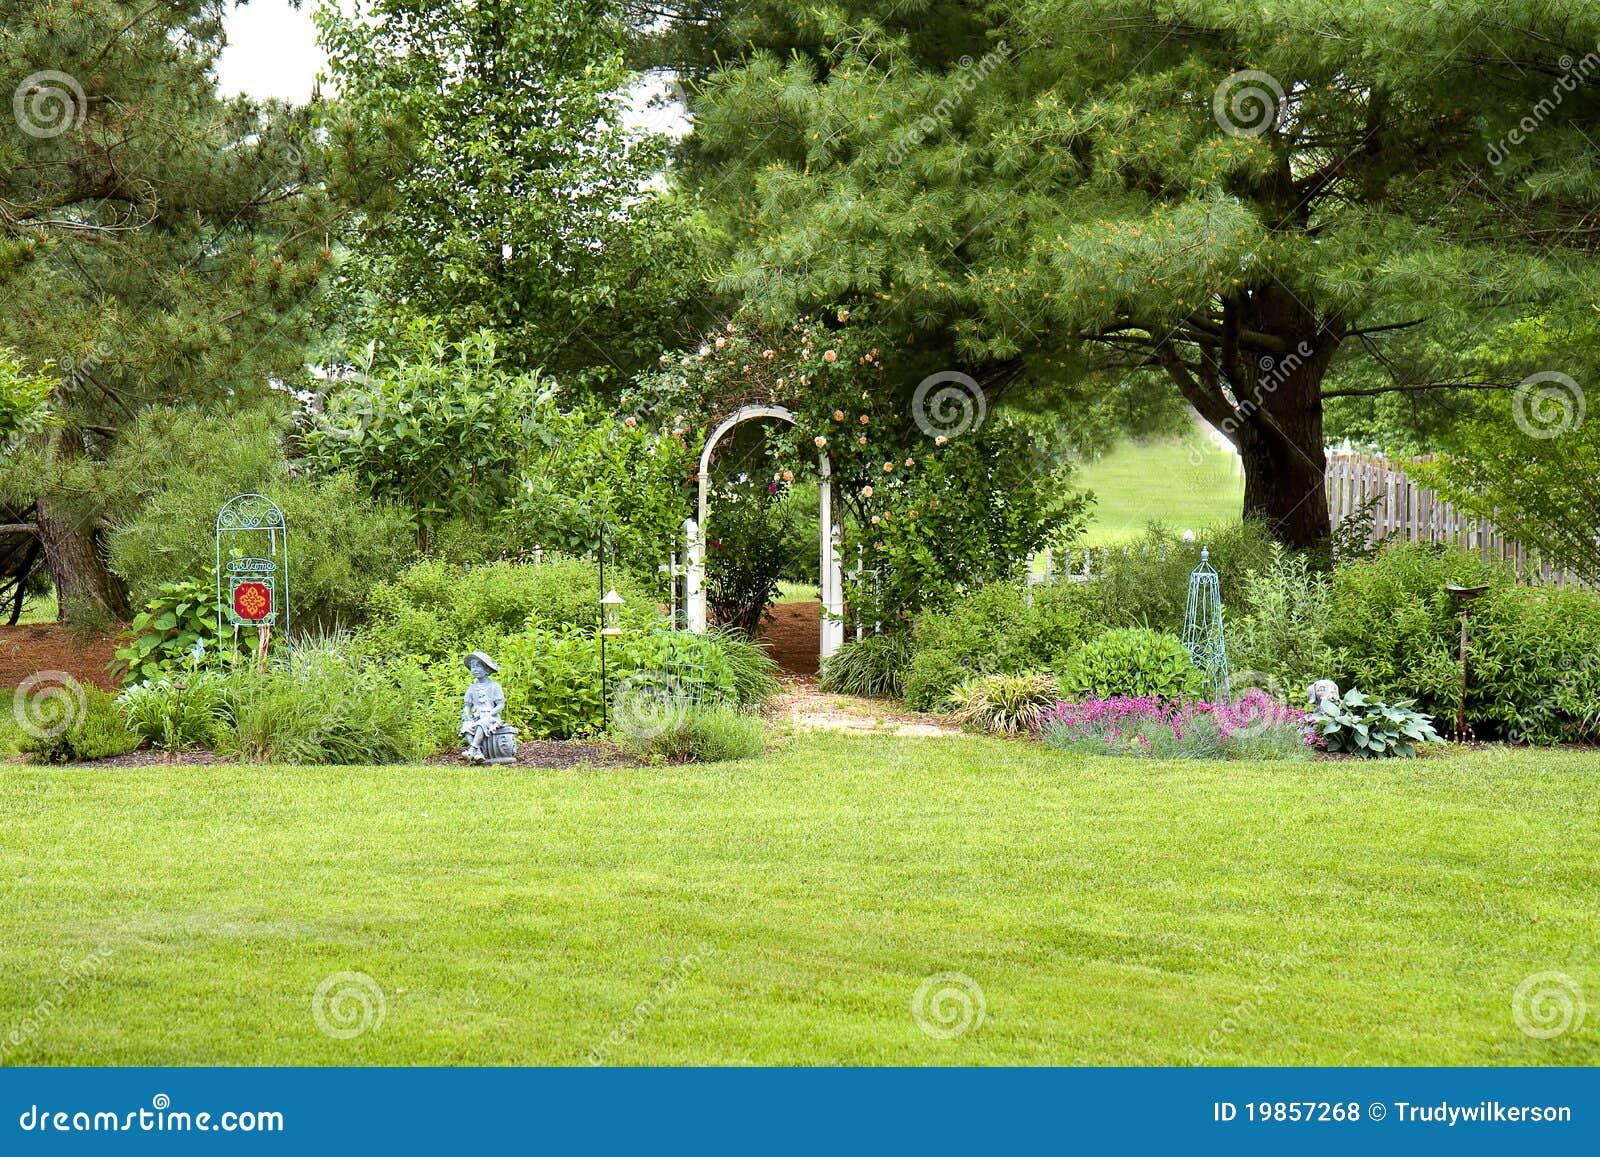 jardim de quintal fotos:Jardim Do Quintal Fotos de Stock Royalty Free – Imagem: 19857268